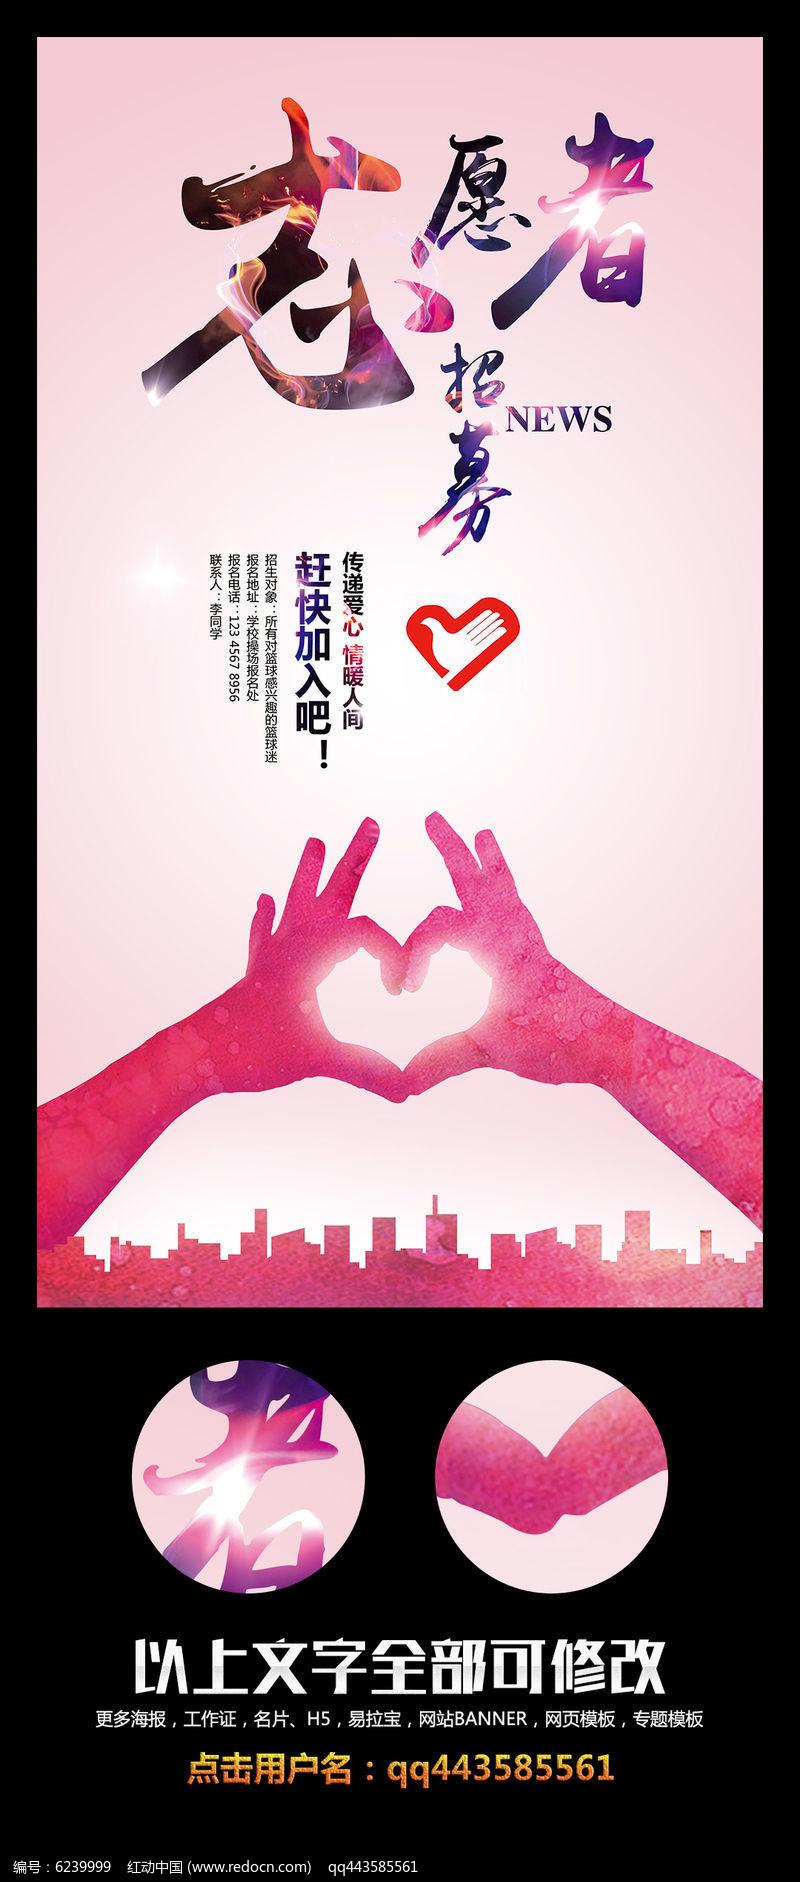 创意志愿者宣传海报设计psd